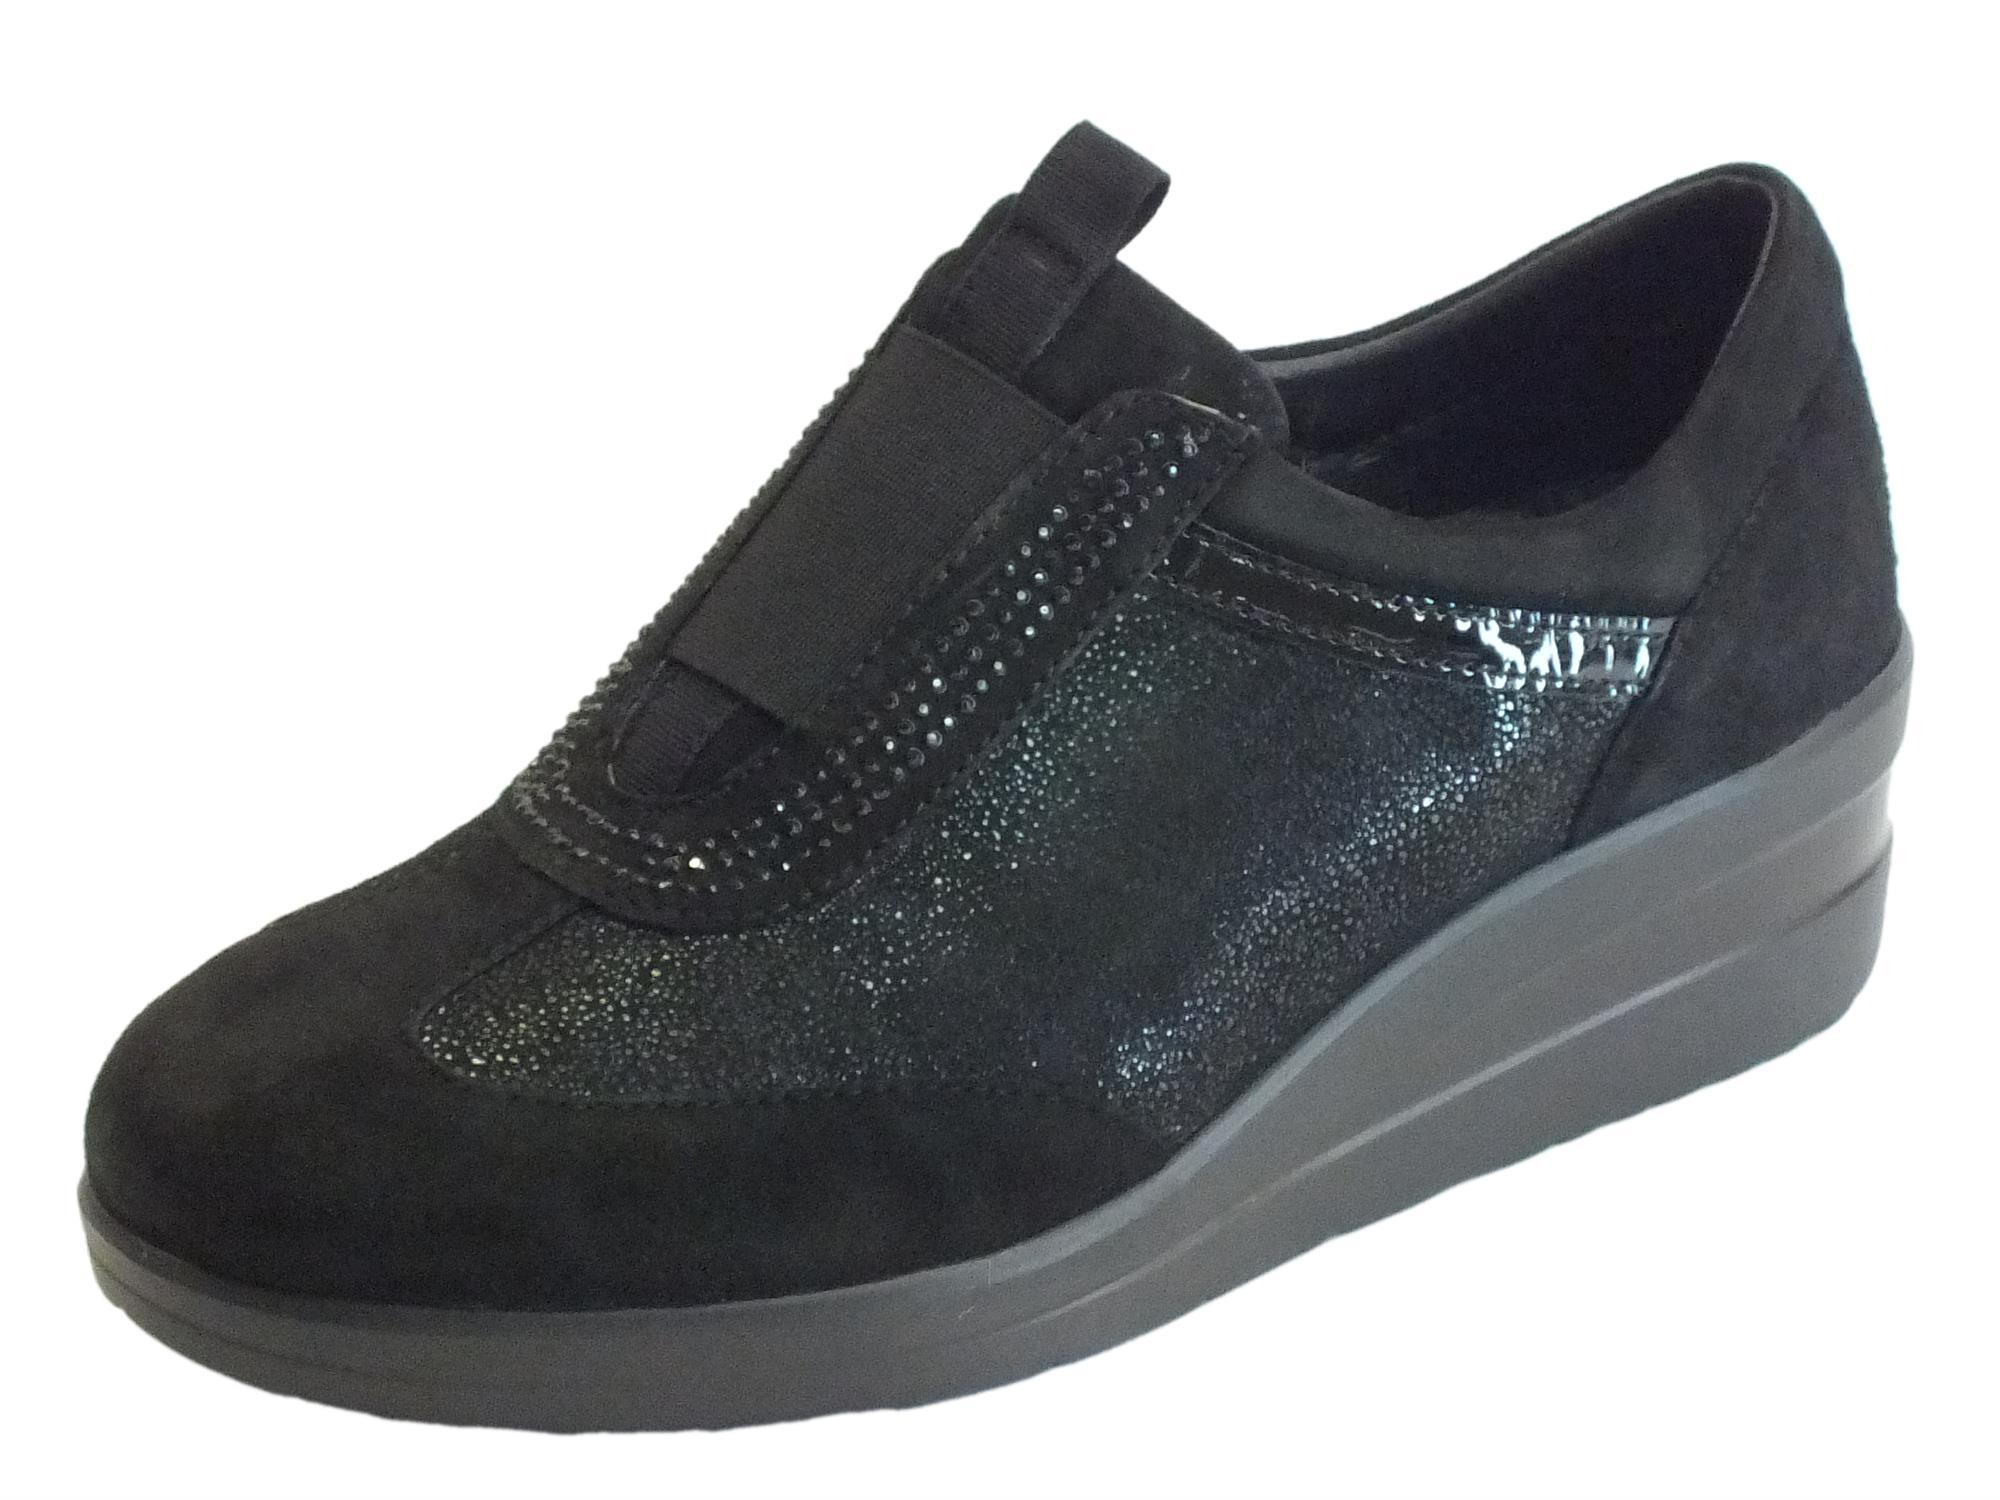 Sneakers Cinzia Soft confort camoscio nero senza lacci - Vitiello ... 5e10dea0c14